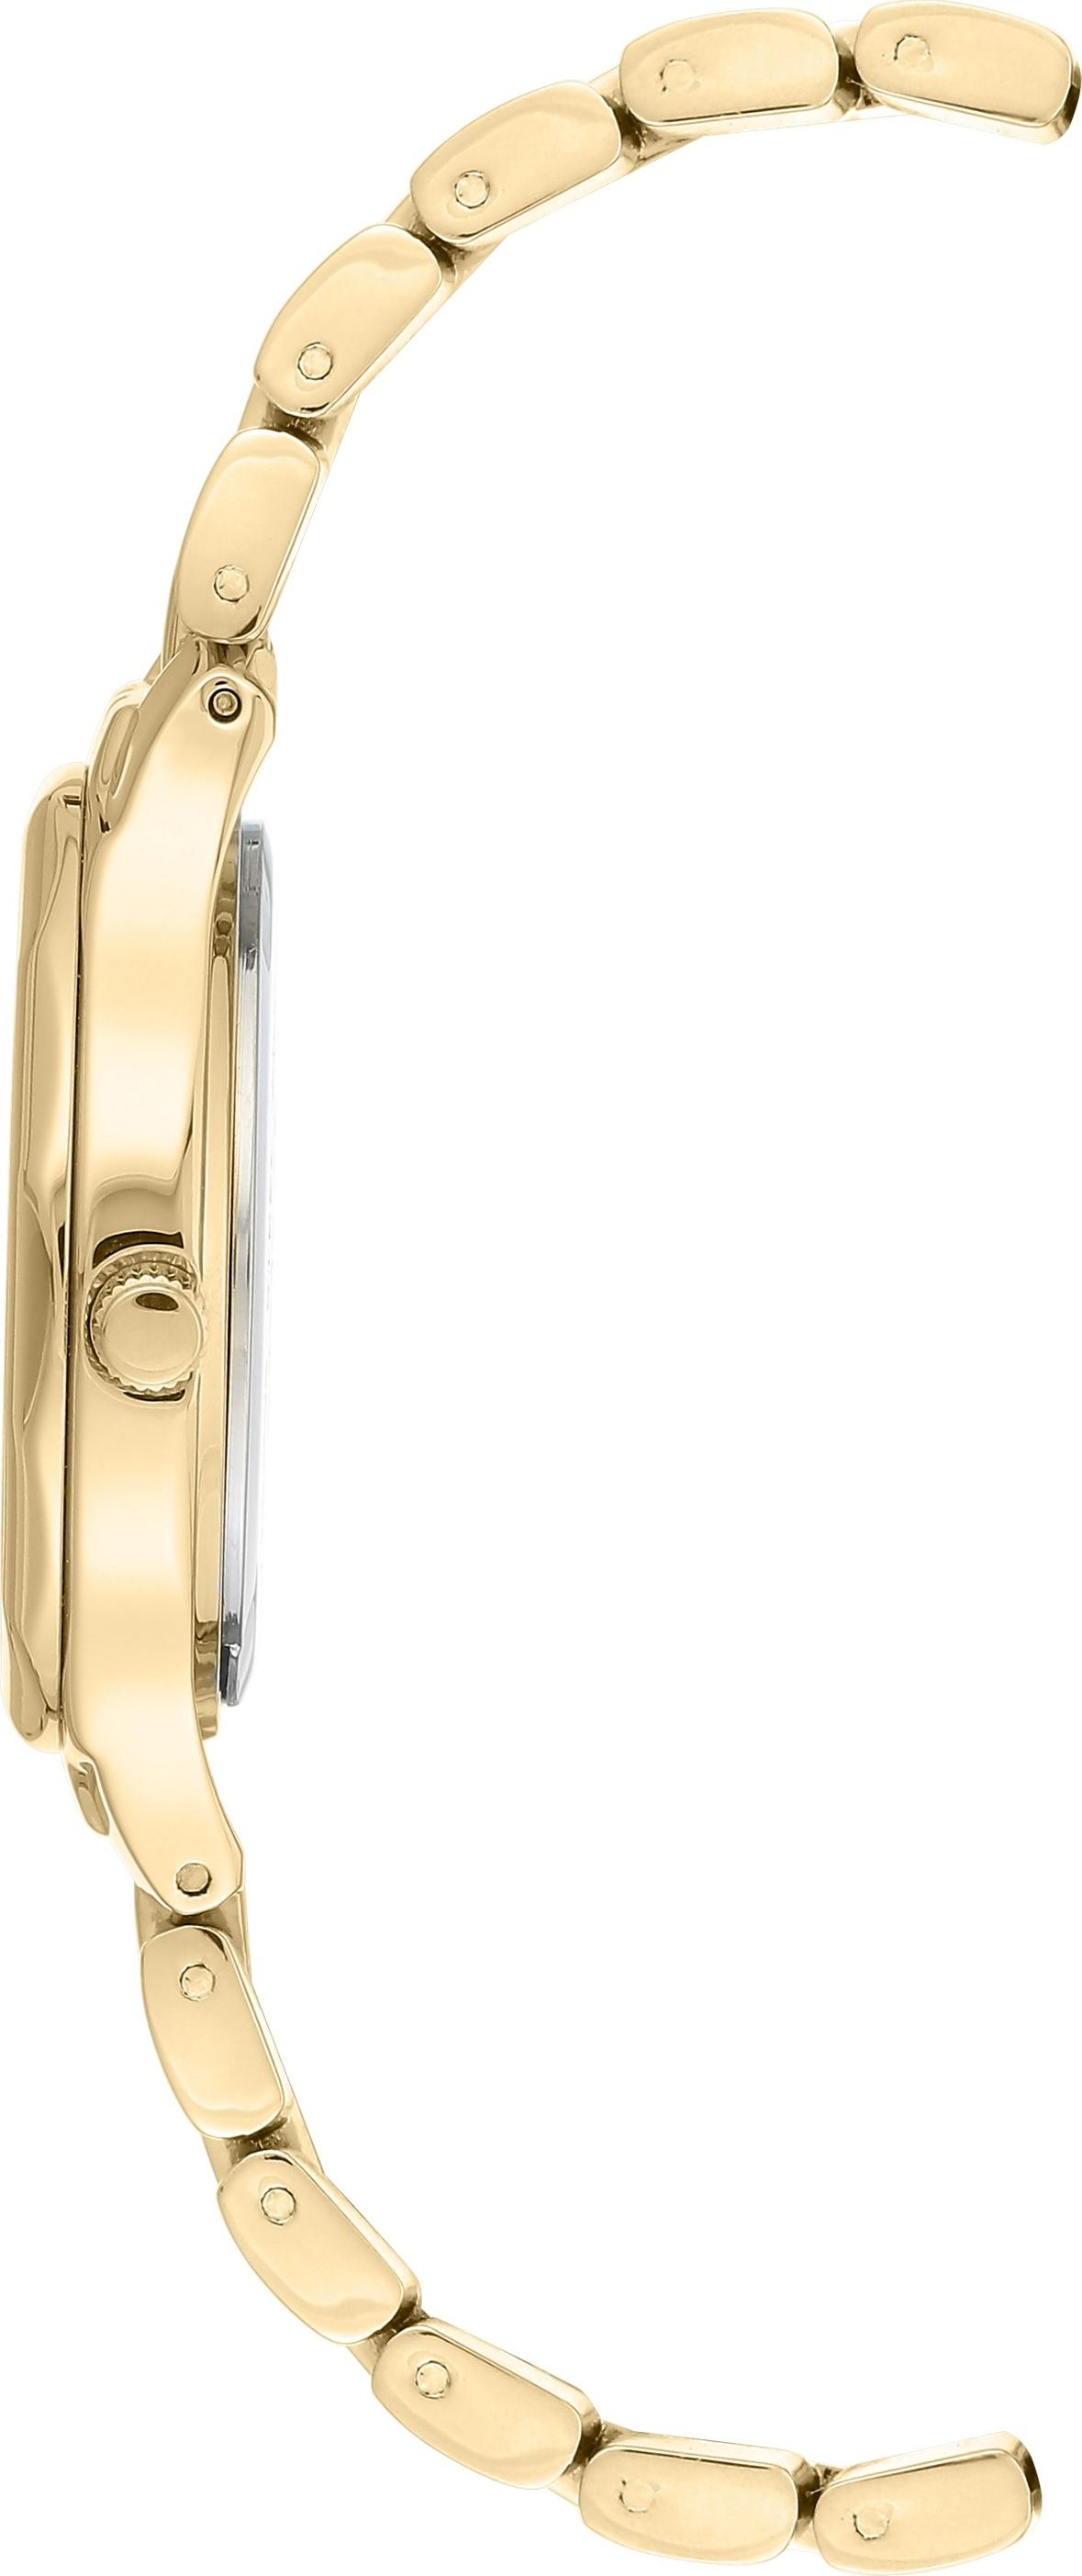 Đồng hồ thời trang nữ ANNE KLEIN 3490CHGB